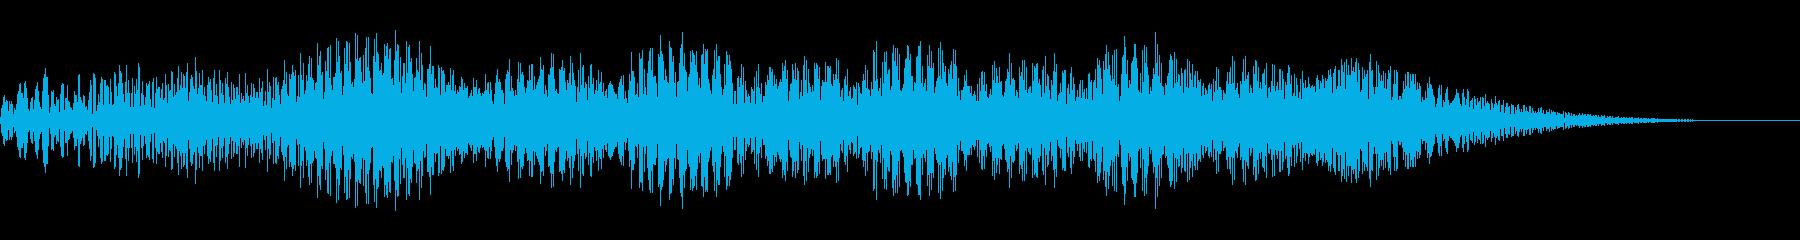 振動ハイドロチャージ、SCI FI...の再生済みの波形